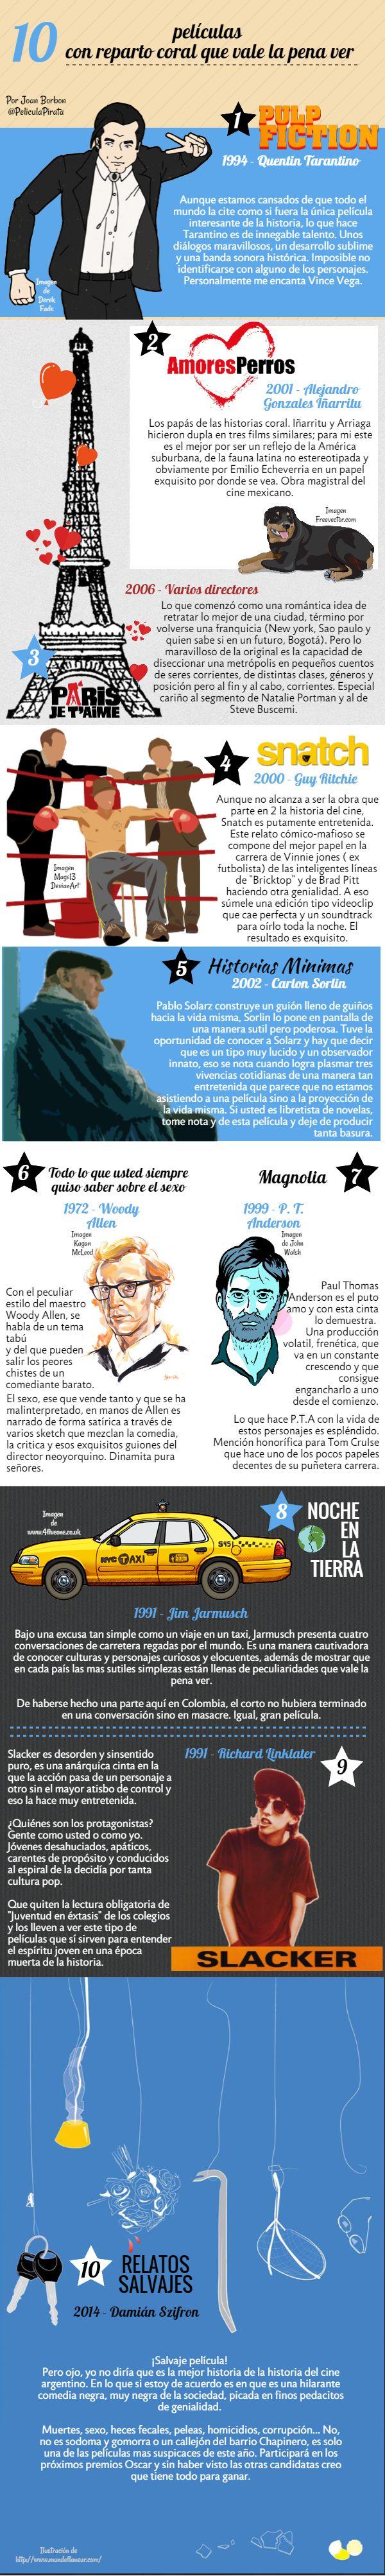 Infografía de películas coral. Relatos salvajes, Pulp Fiction, Magnolia, Amores Perros, Snatch.